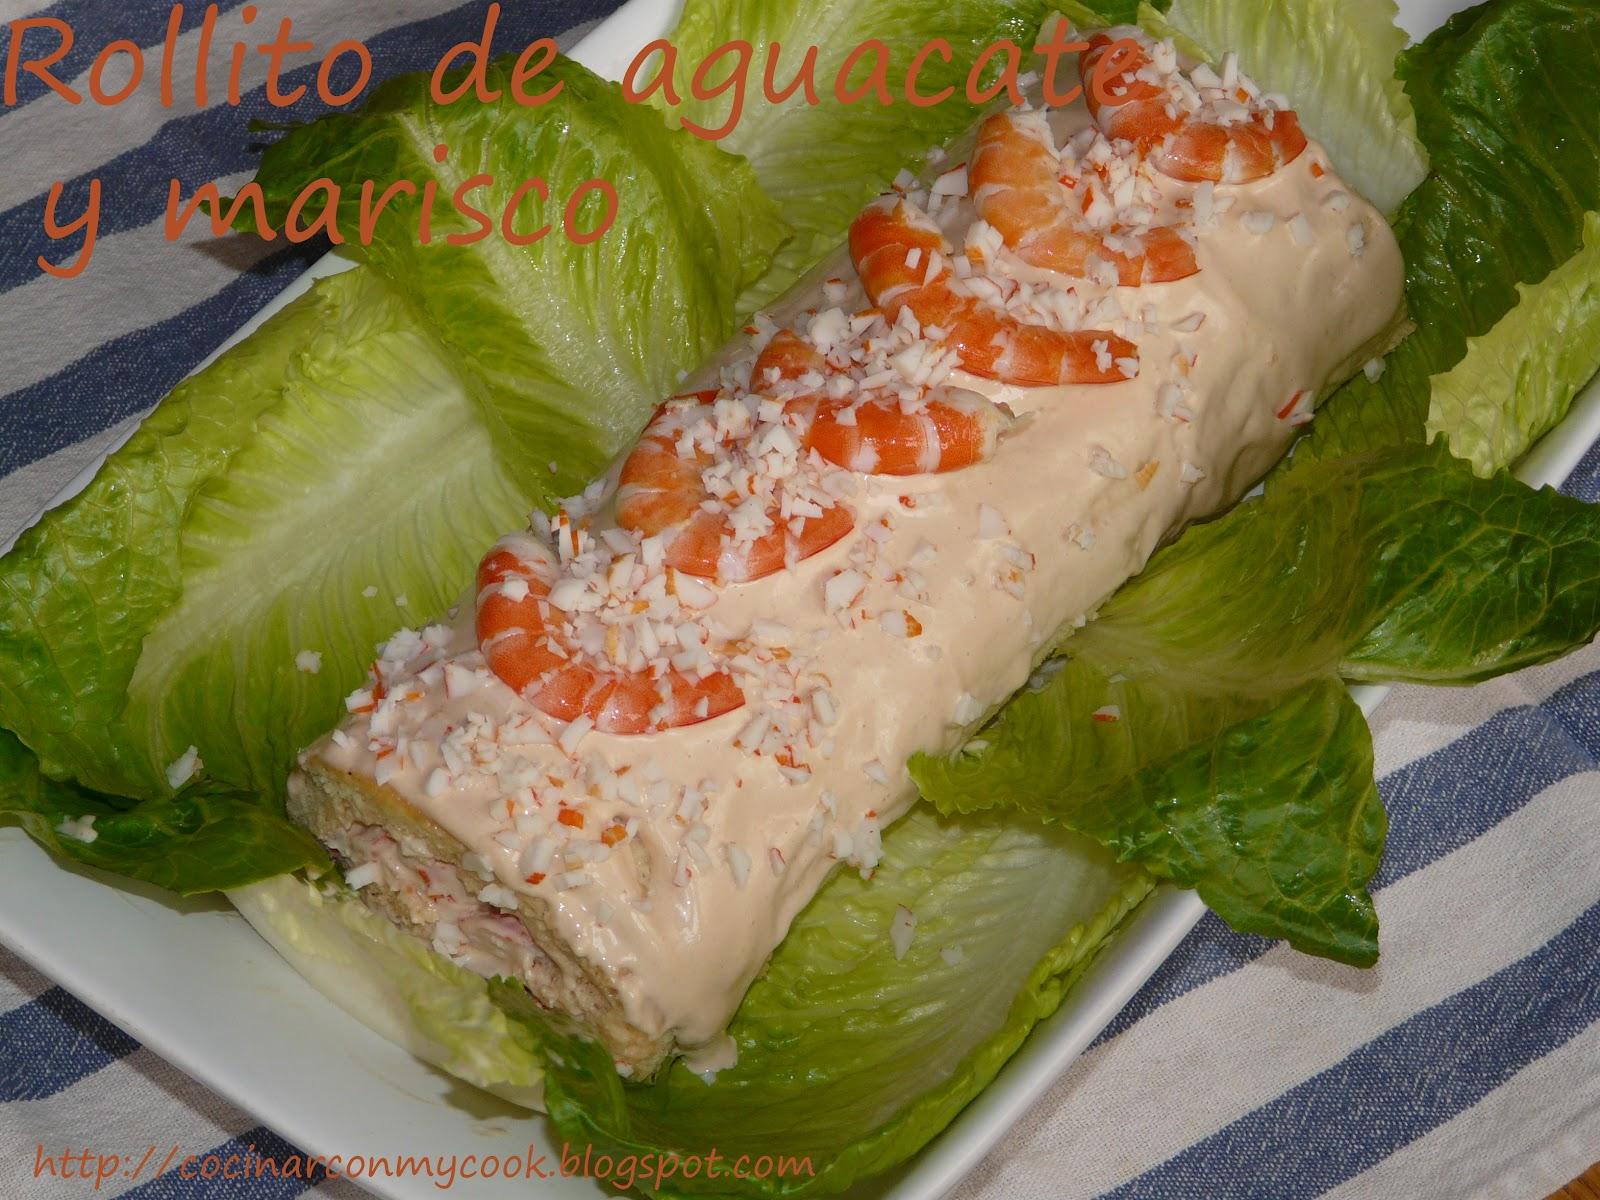 Cocinar Con Mycook Tronco De Aguacate Y Marisco ~ Coctel De Aguacate Y Langostinos